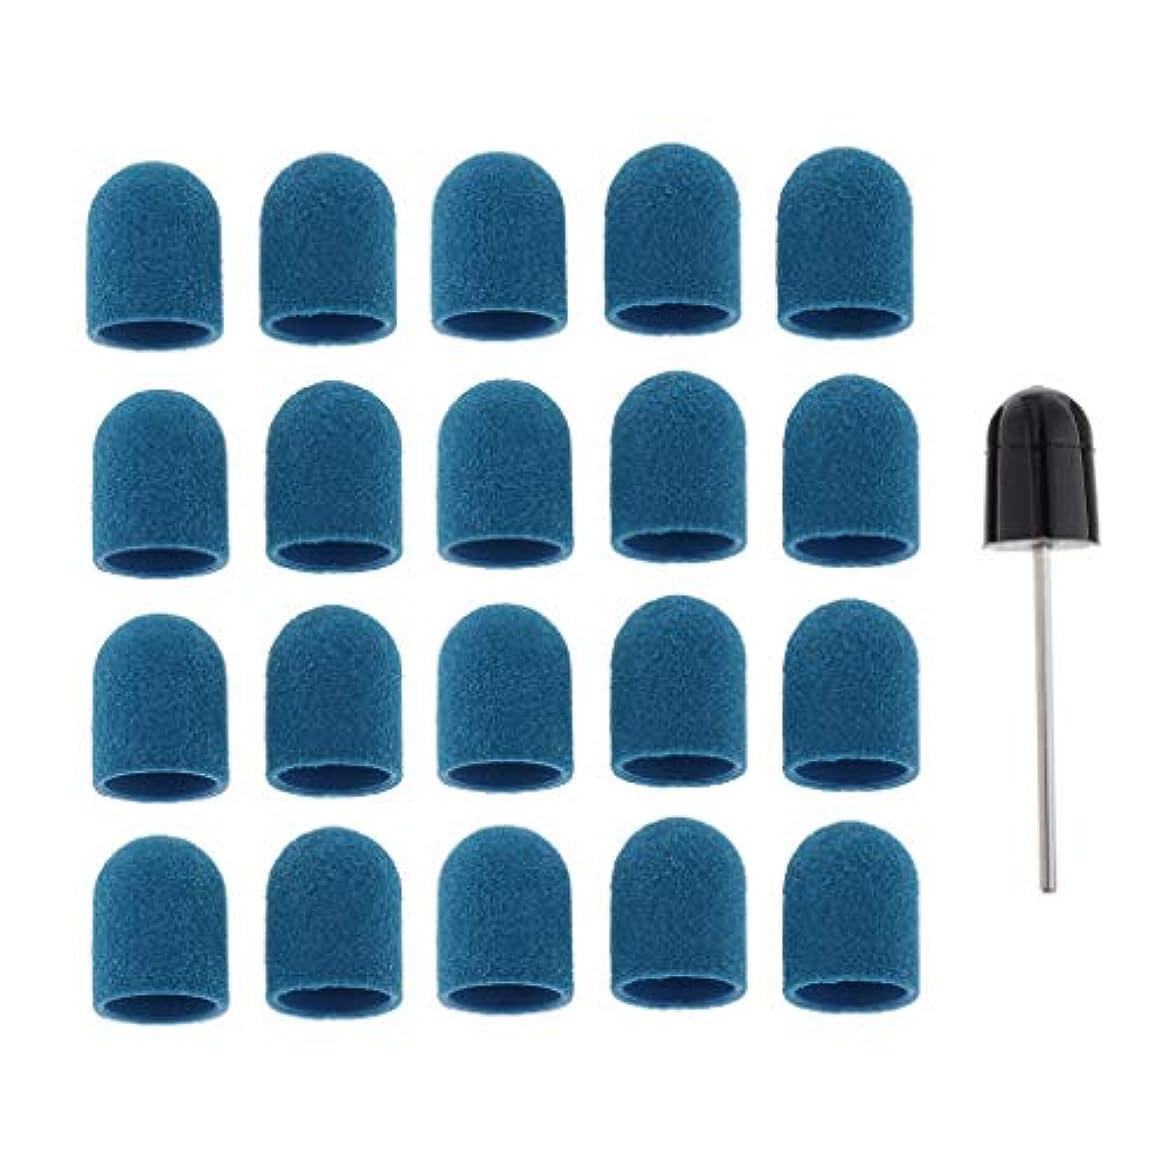 視線保護撤退Perfeclan ネイルアート サンディングバンド ネイルポリッシング研削ヘッド サンディングリングキャップ 全5カラー - 青